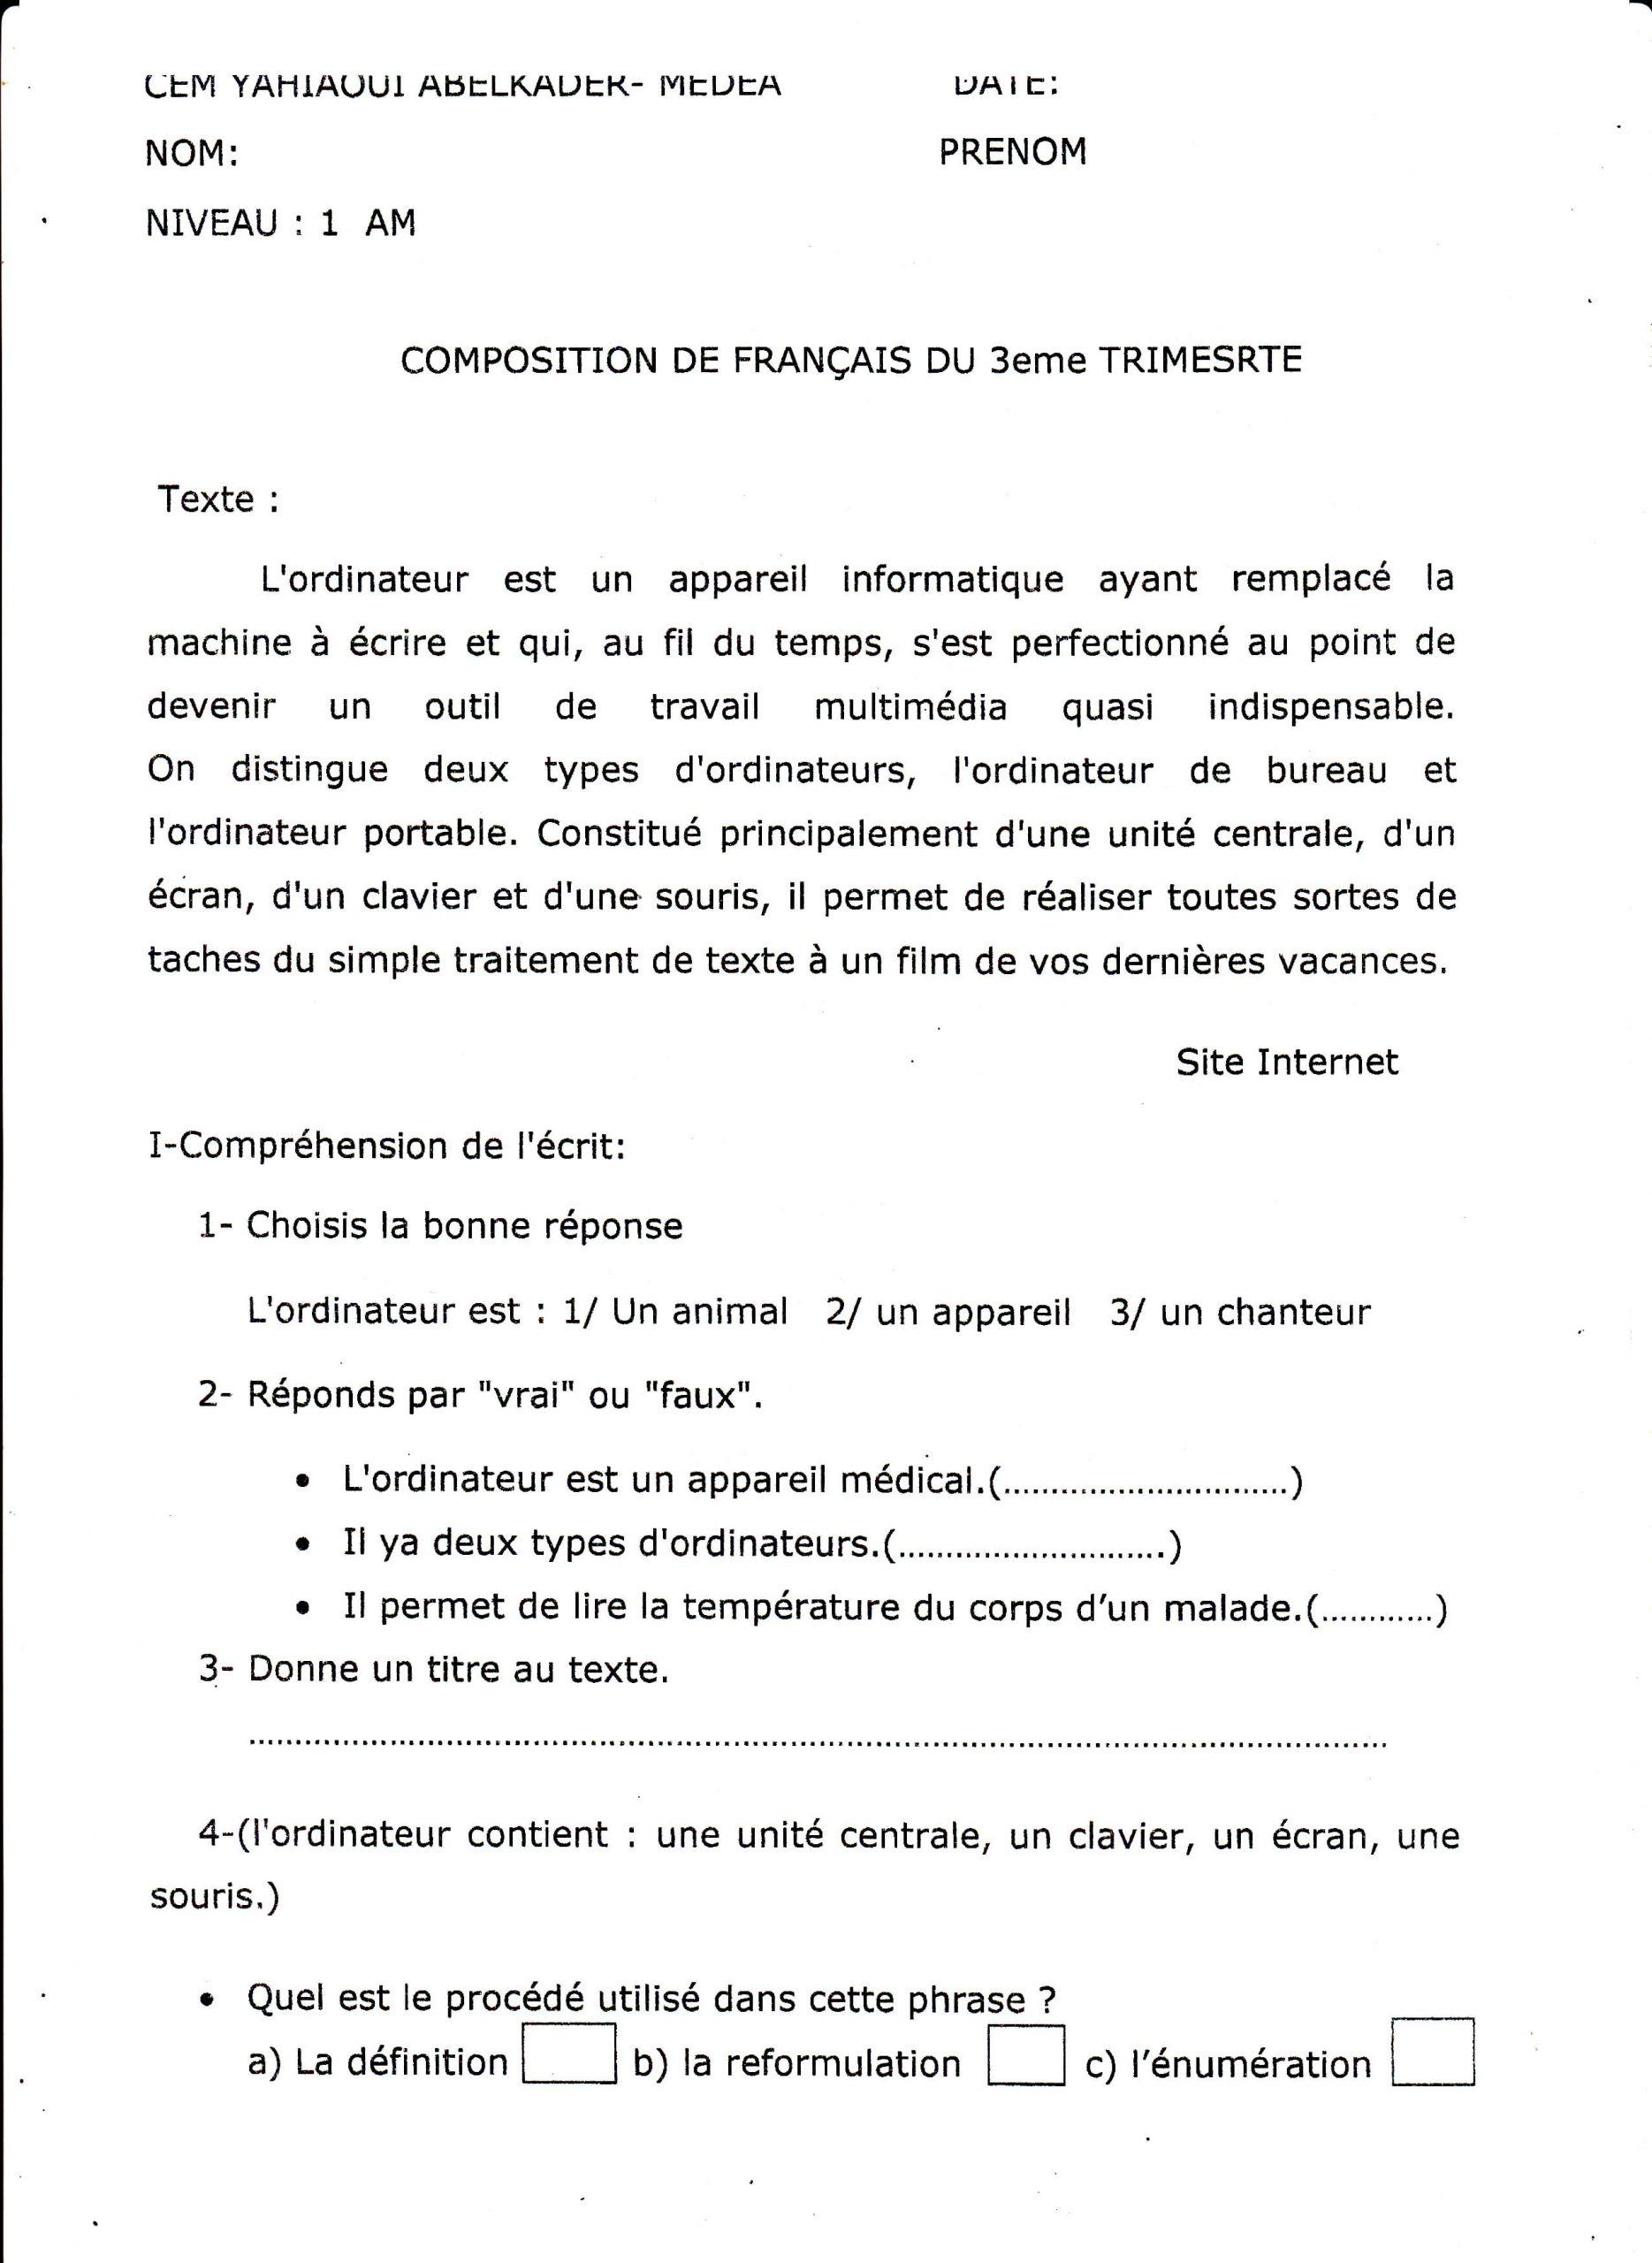 اختبار الفصل الثالث في اللغة الفرنسية للسنة الأولى متوسط - الموضوع 05